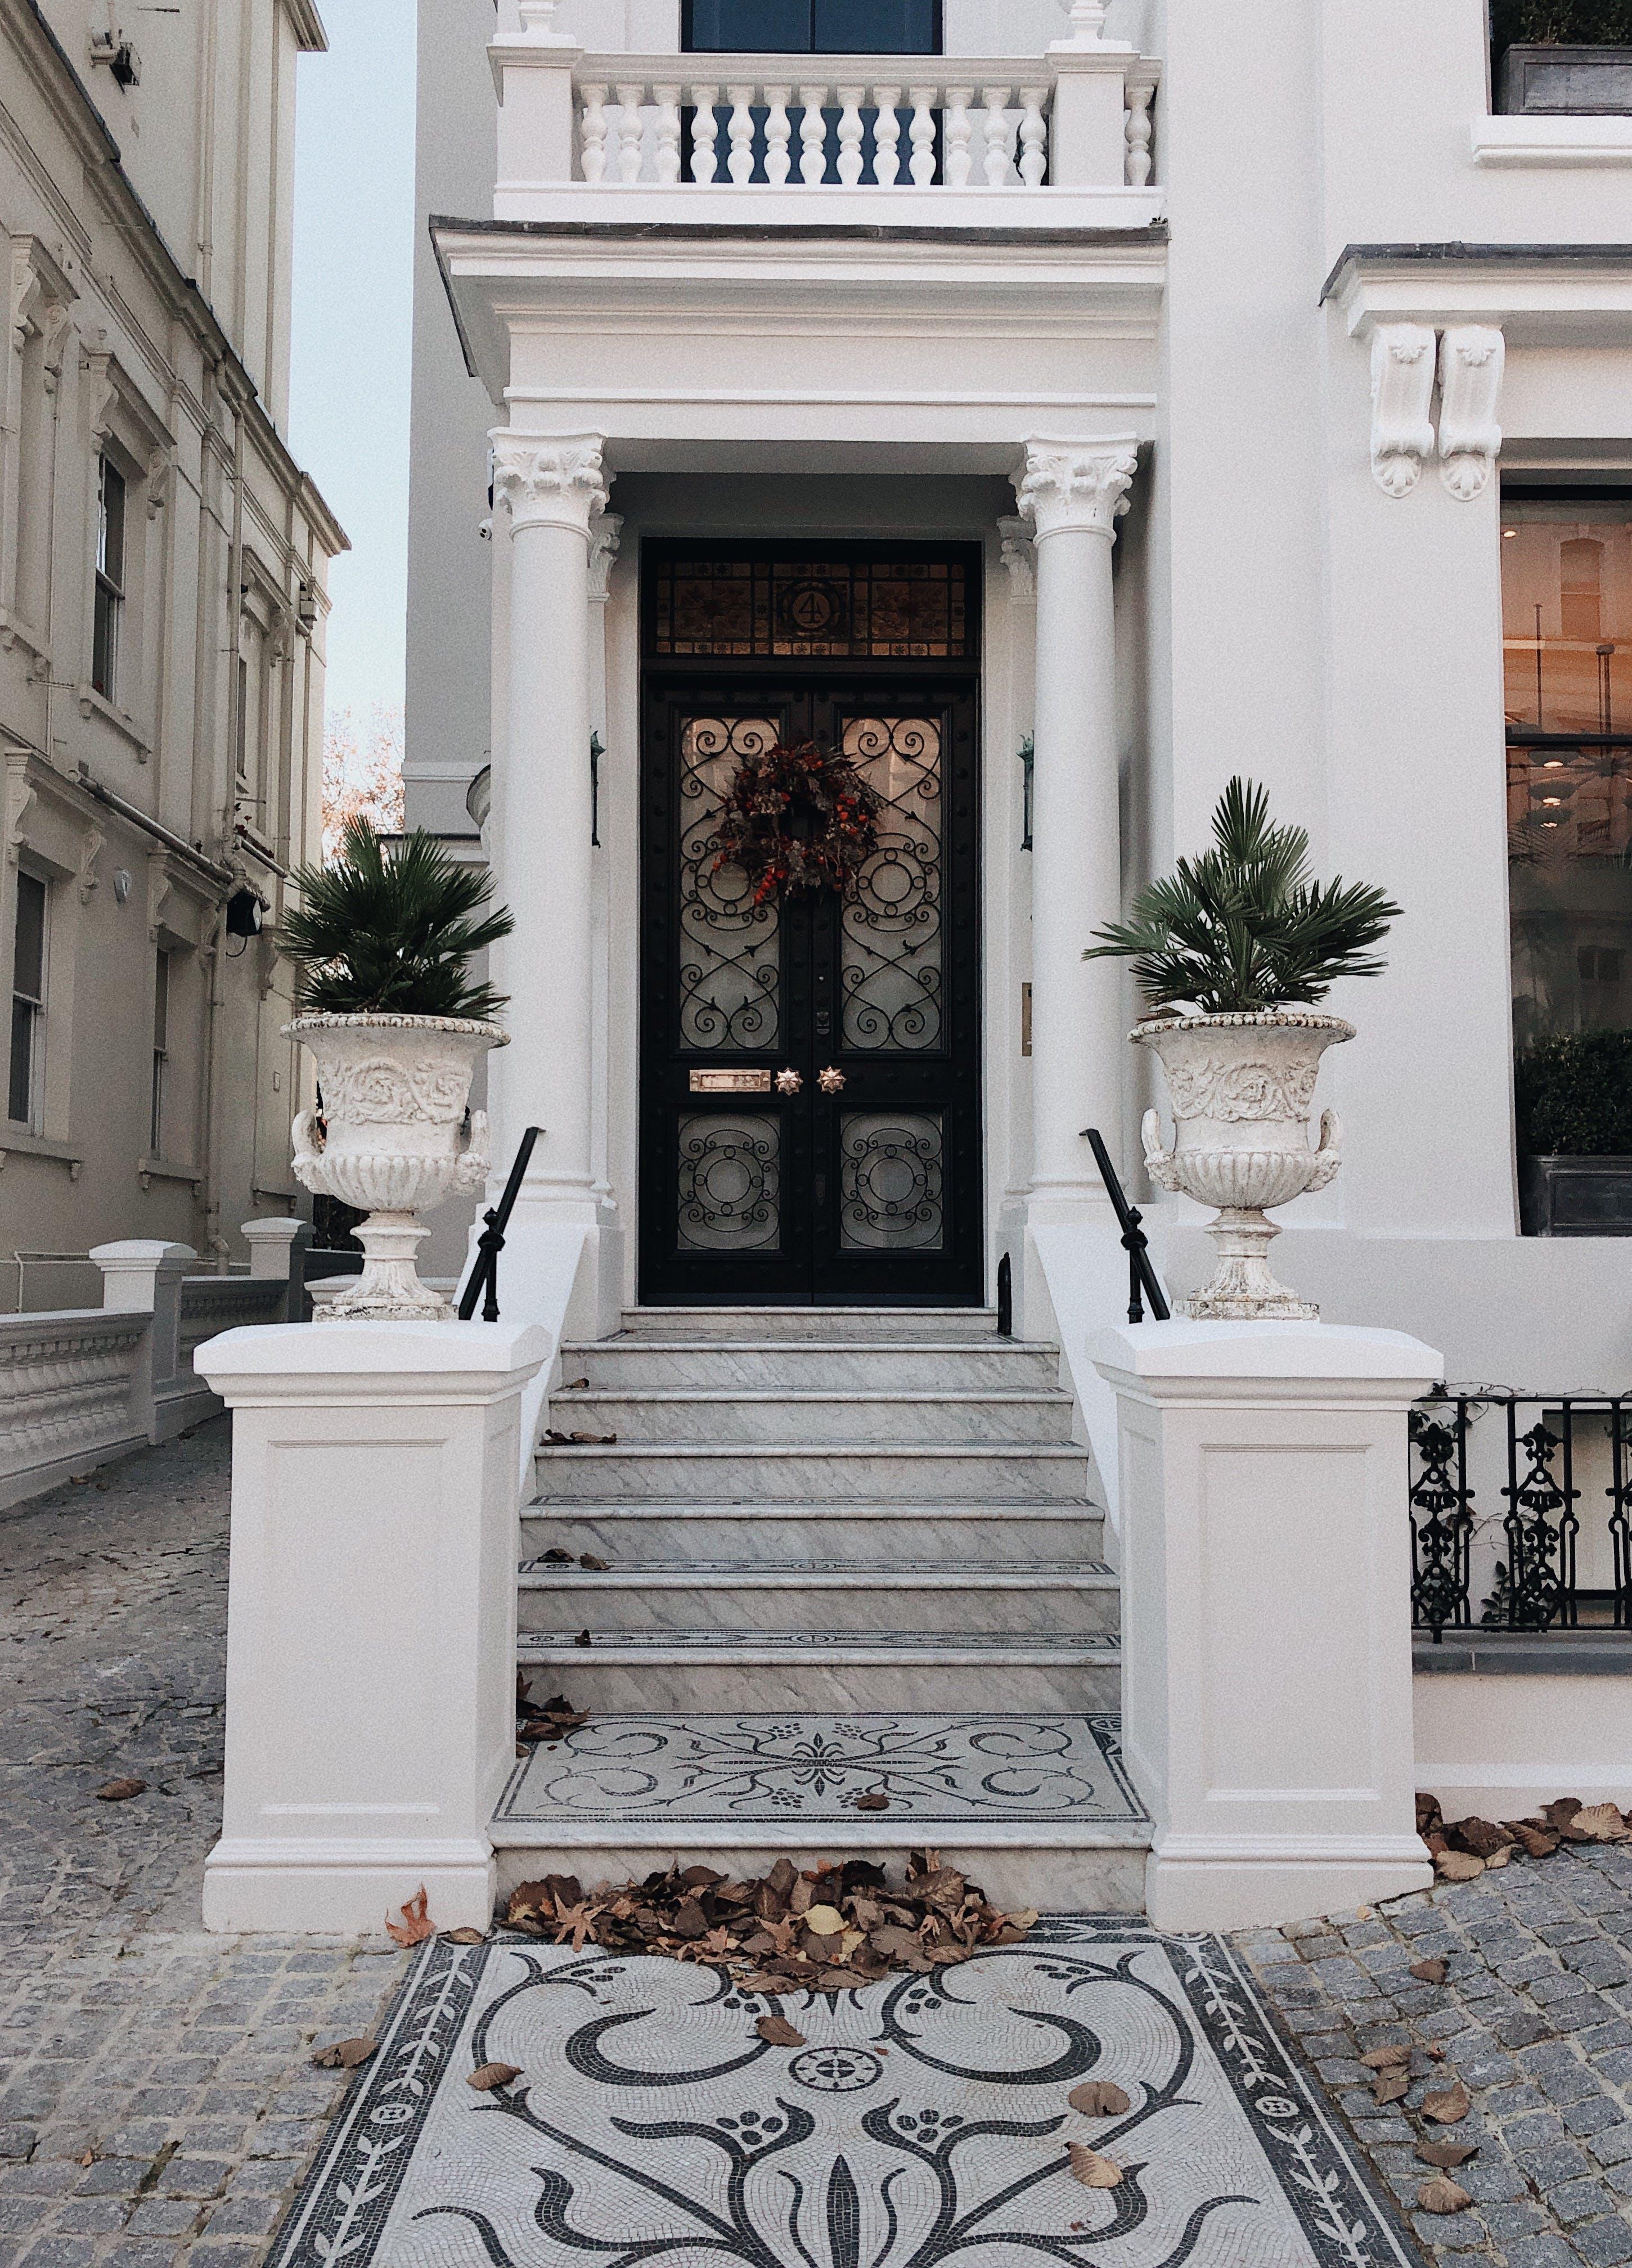 Stairs Towards Closed Door